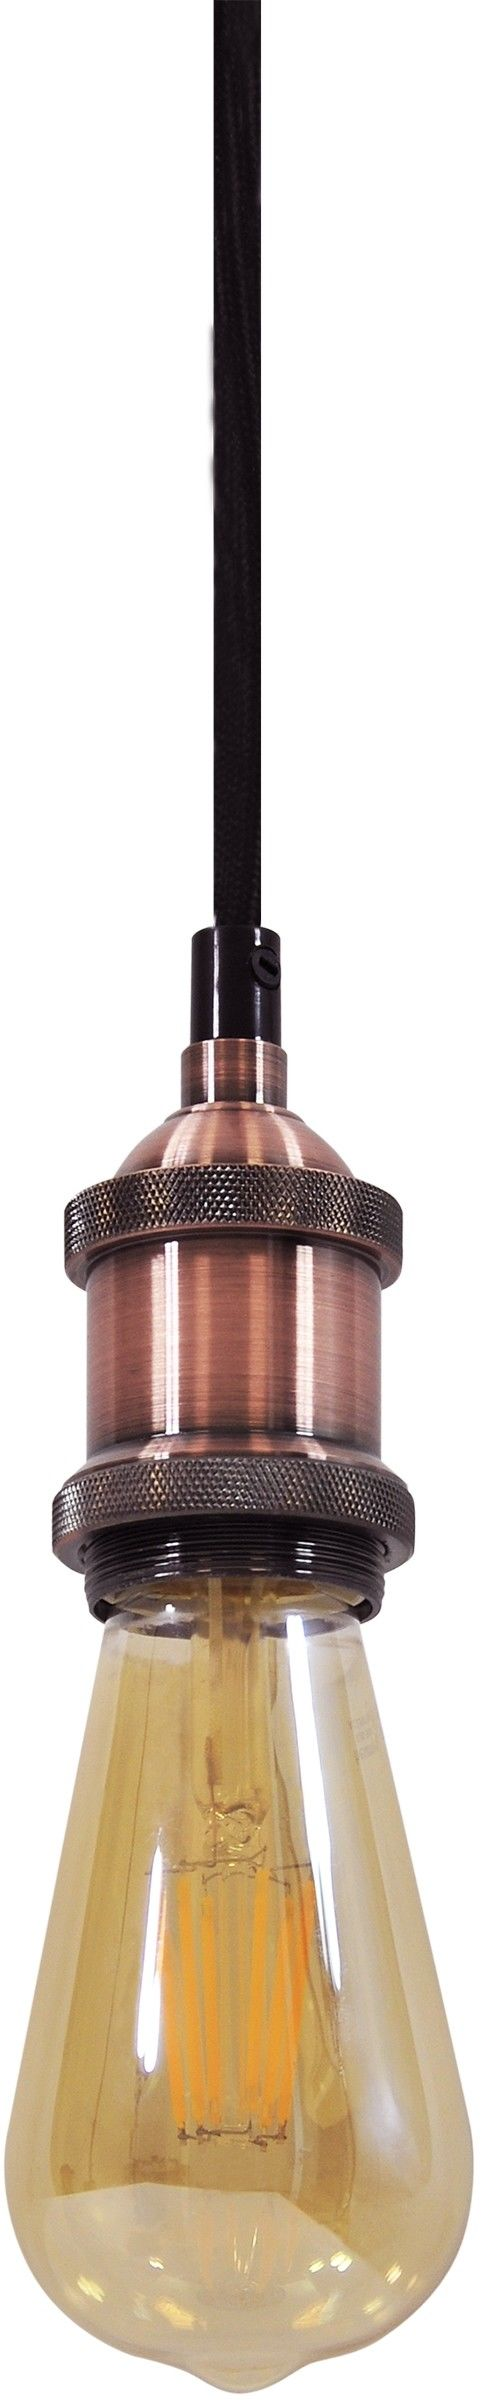 Lampa wisząca 1x20W E27 LED 309020 MIO NOLA POLUX/SANICO